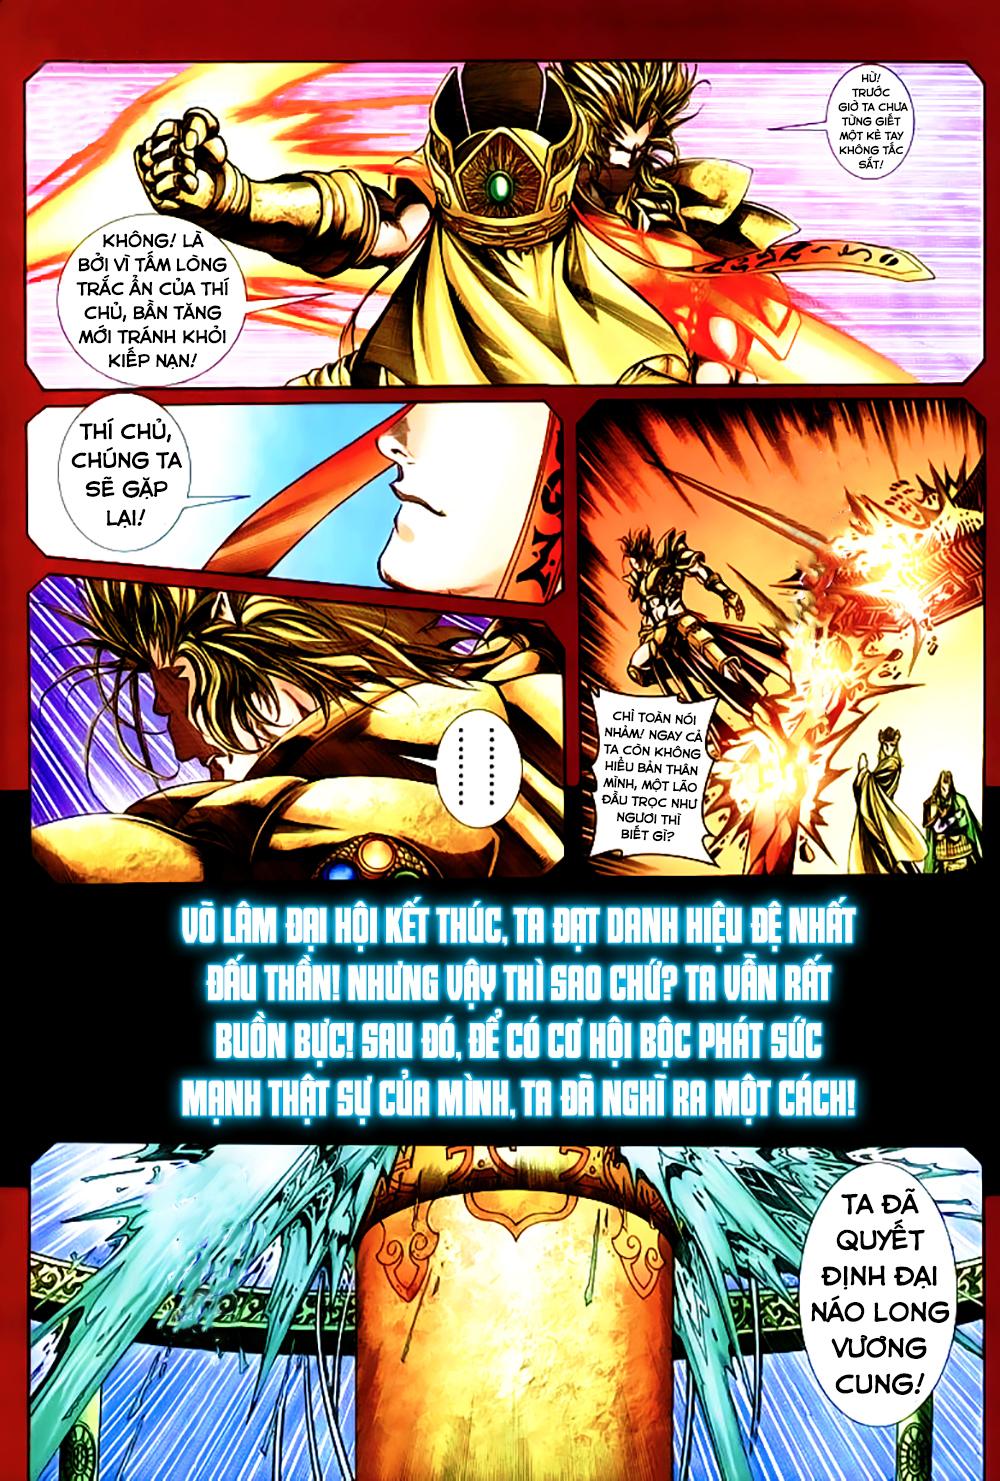 xem truyen moi - BÁT TIÊN ĐẠO - Chapter 34: Sát Vô Xá